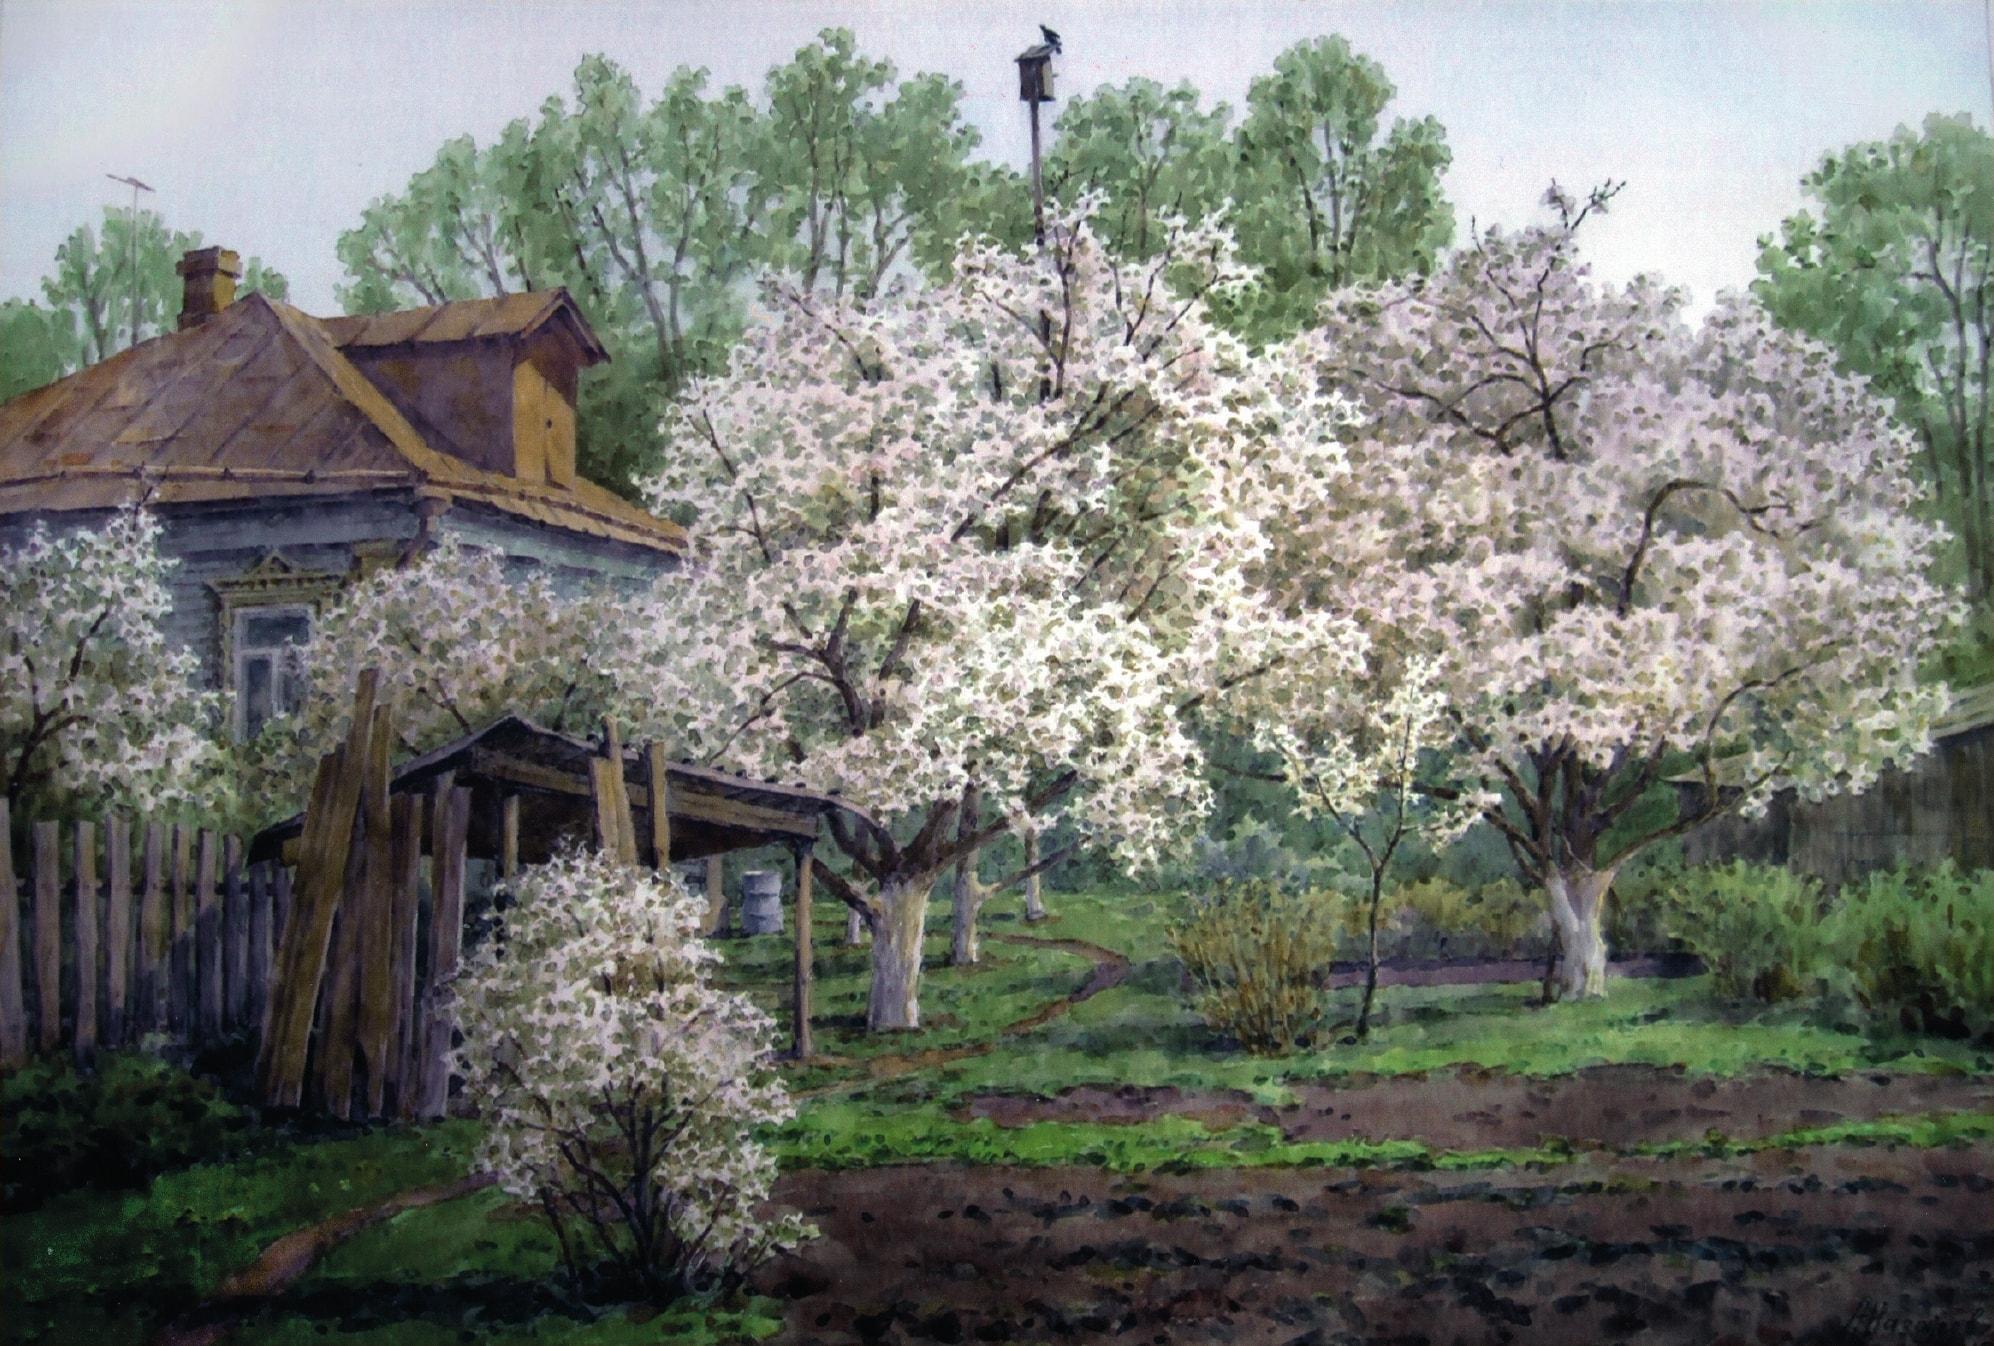 нож, деревенский пейзаж с цветущими садами фото повлиял прибыль